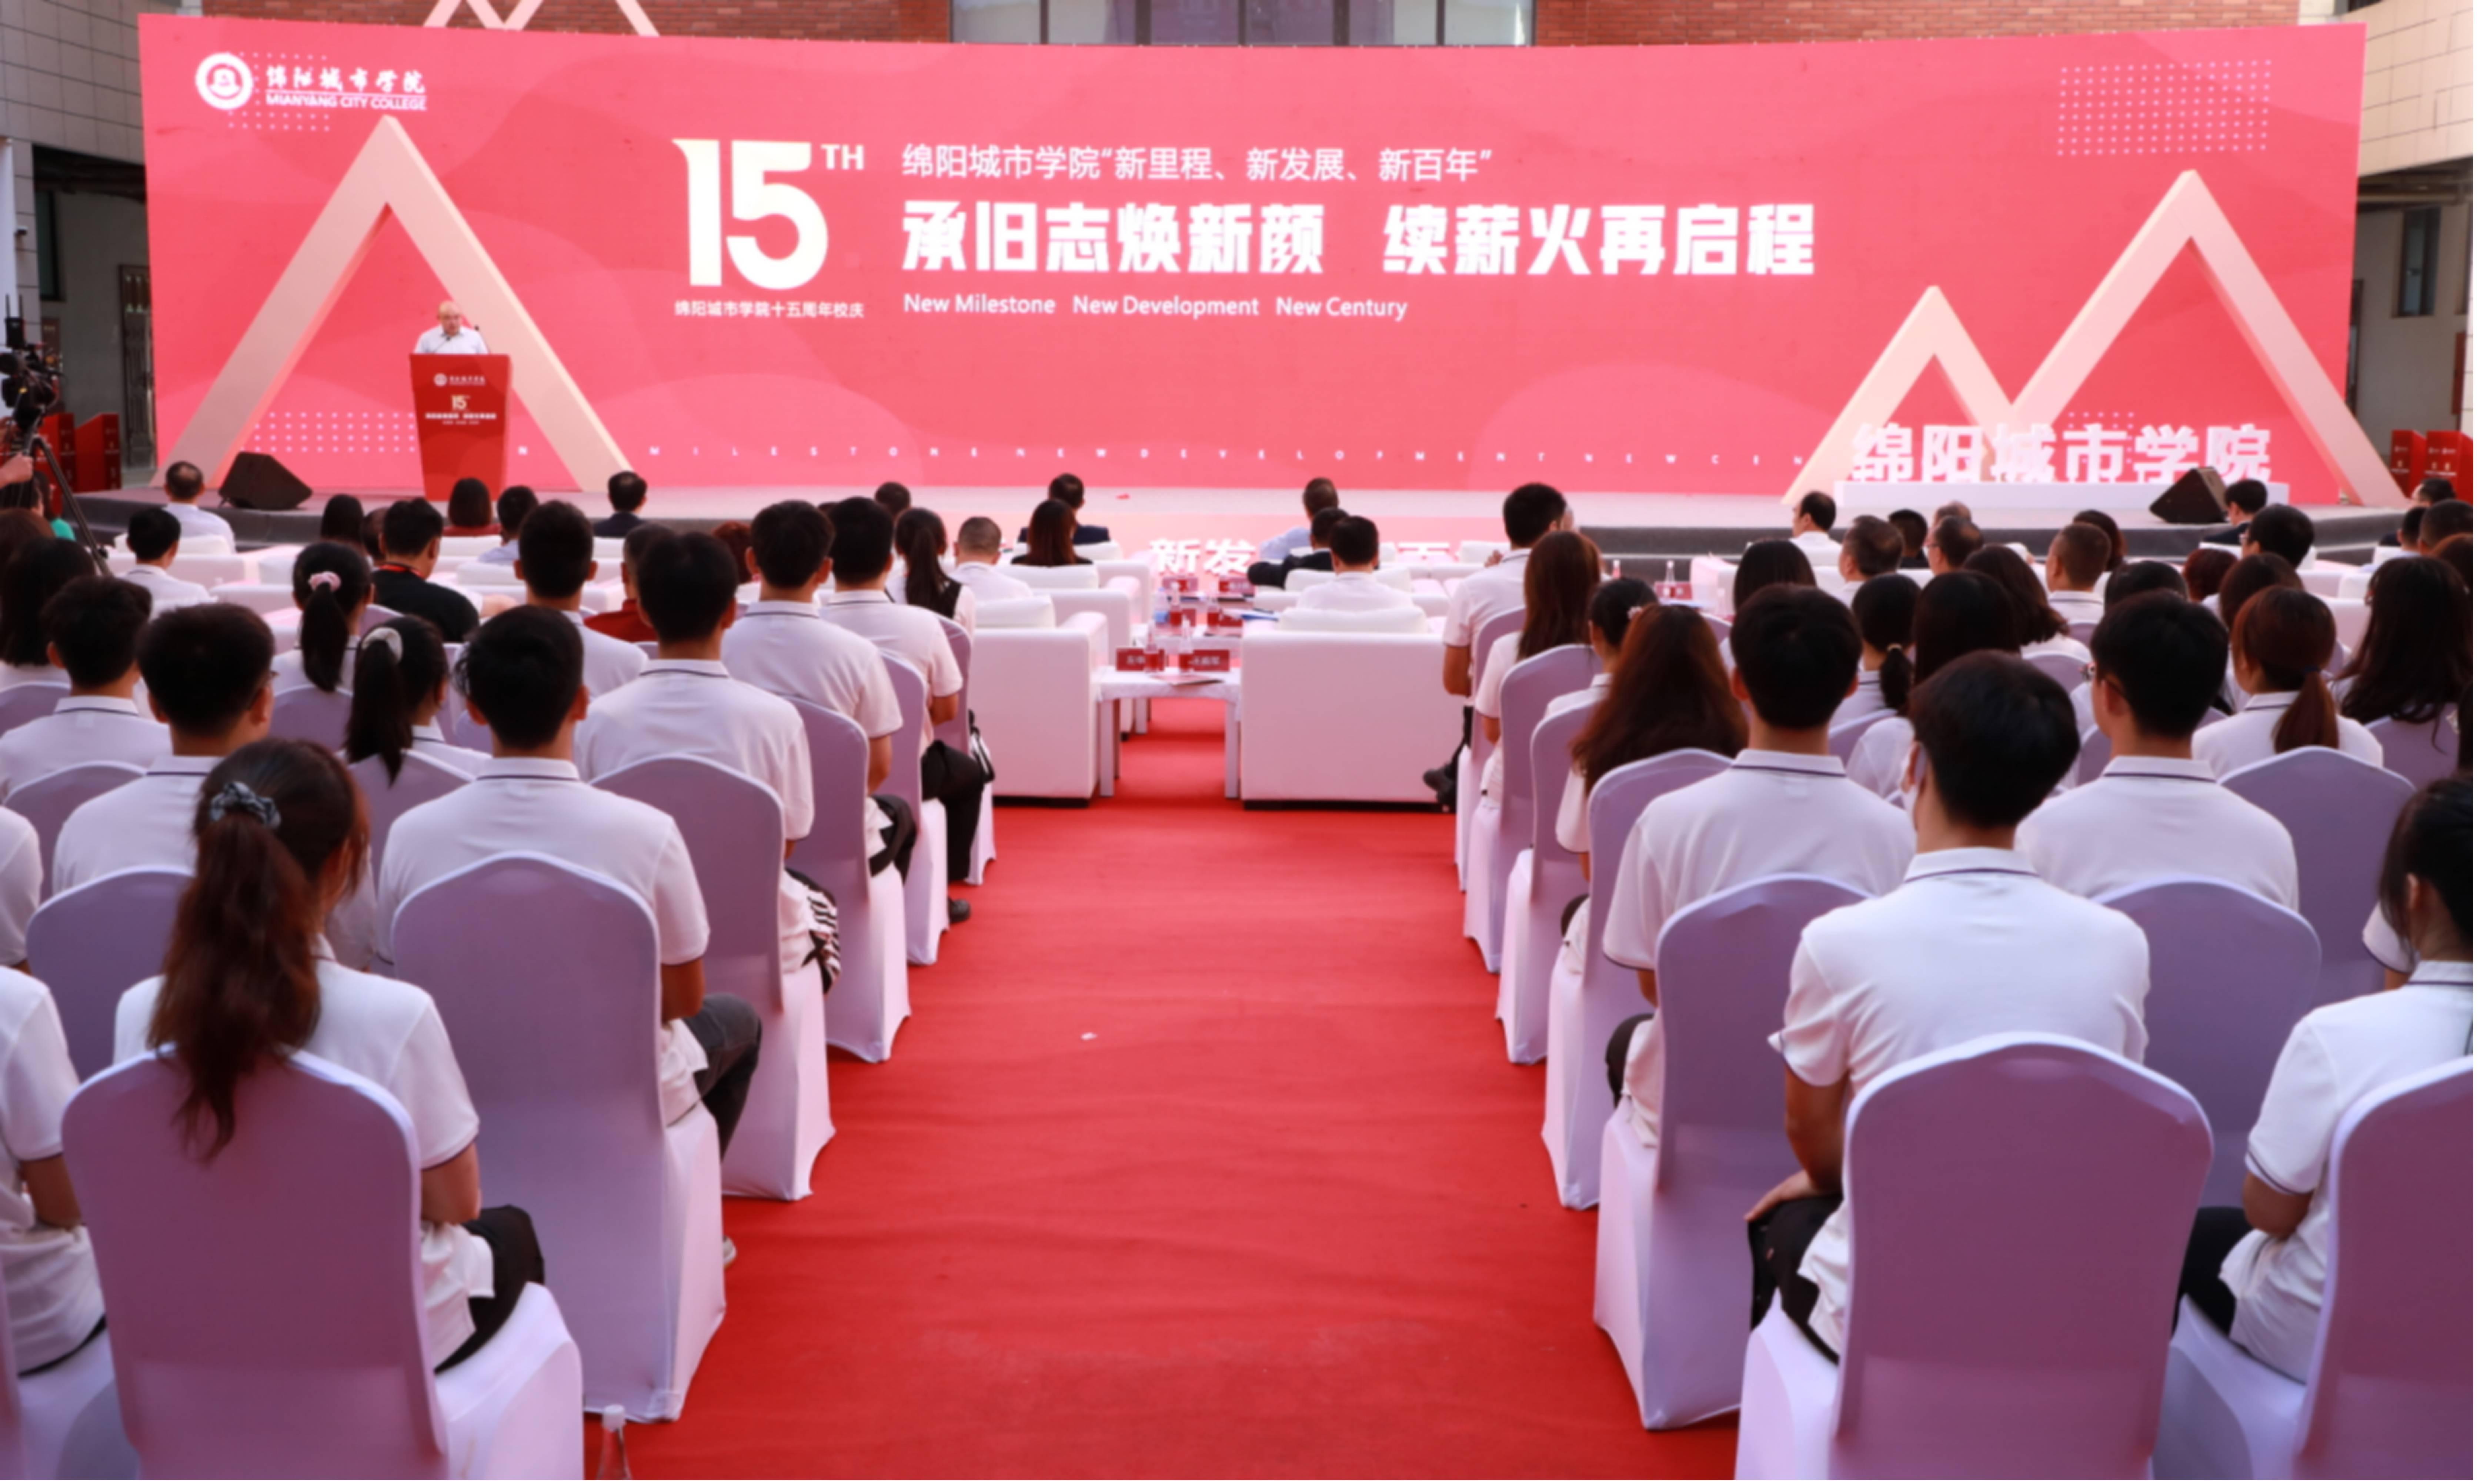 绵阳城市学院成功举办十五周年校庆暨新校名启用仪式活动